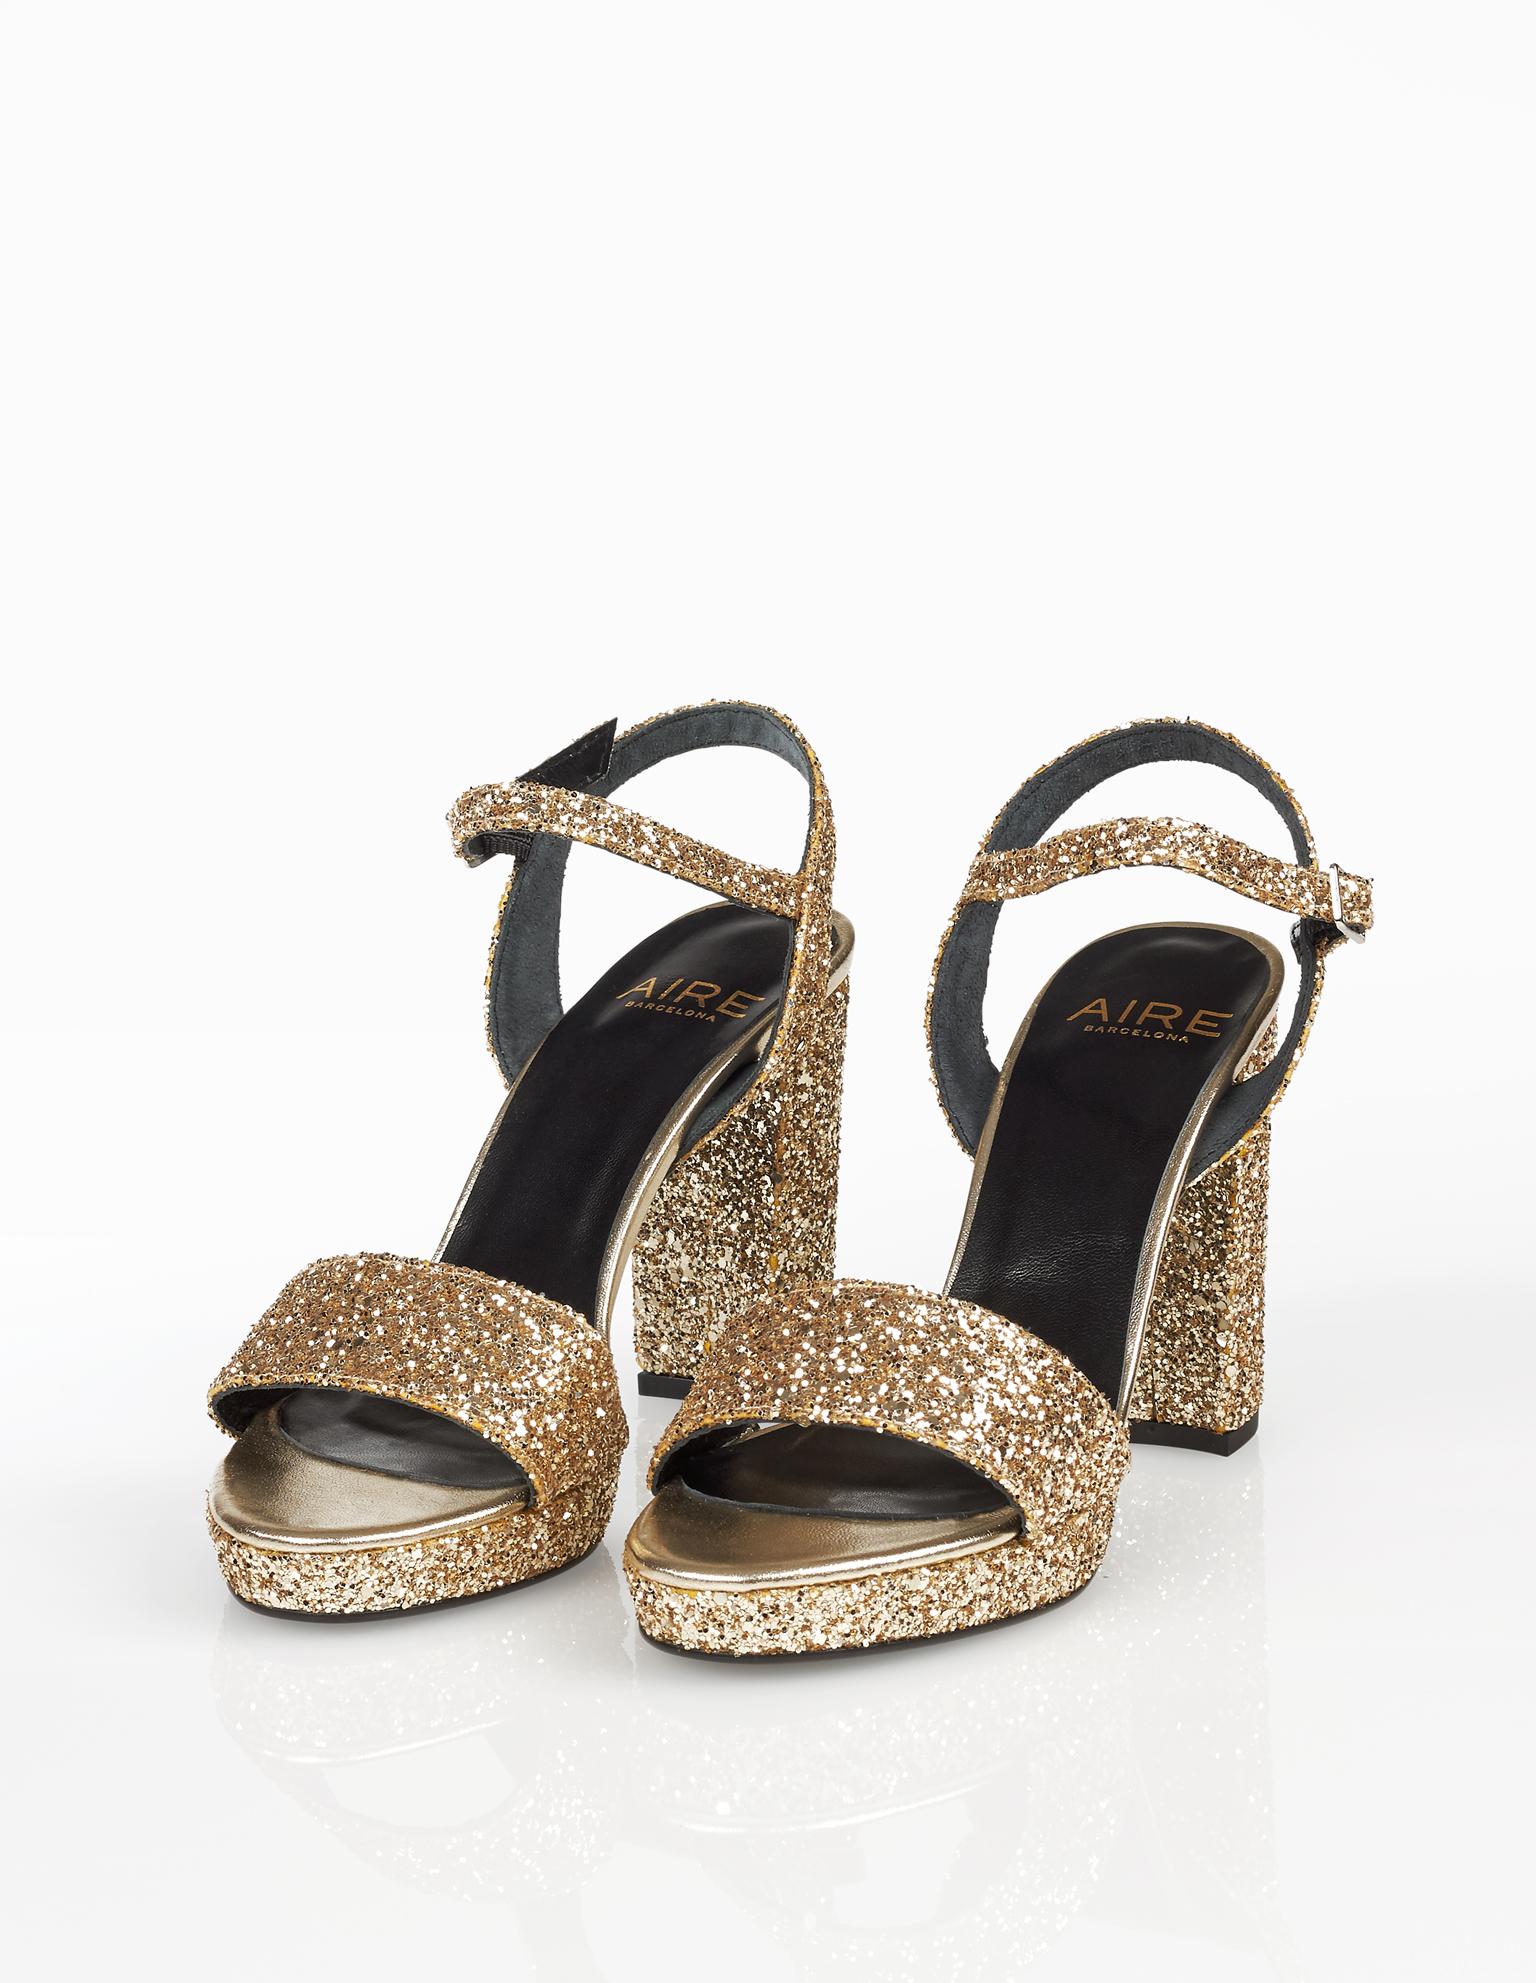 闪光鸡尾酒会水台凉鞋,有黑色、铅灰色、海军蓝、银色和香槟色可选。 FIESTA AIRE BARCELONA 新品系列 2018.